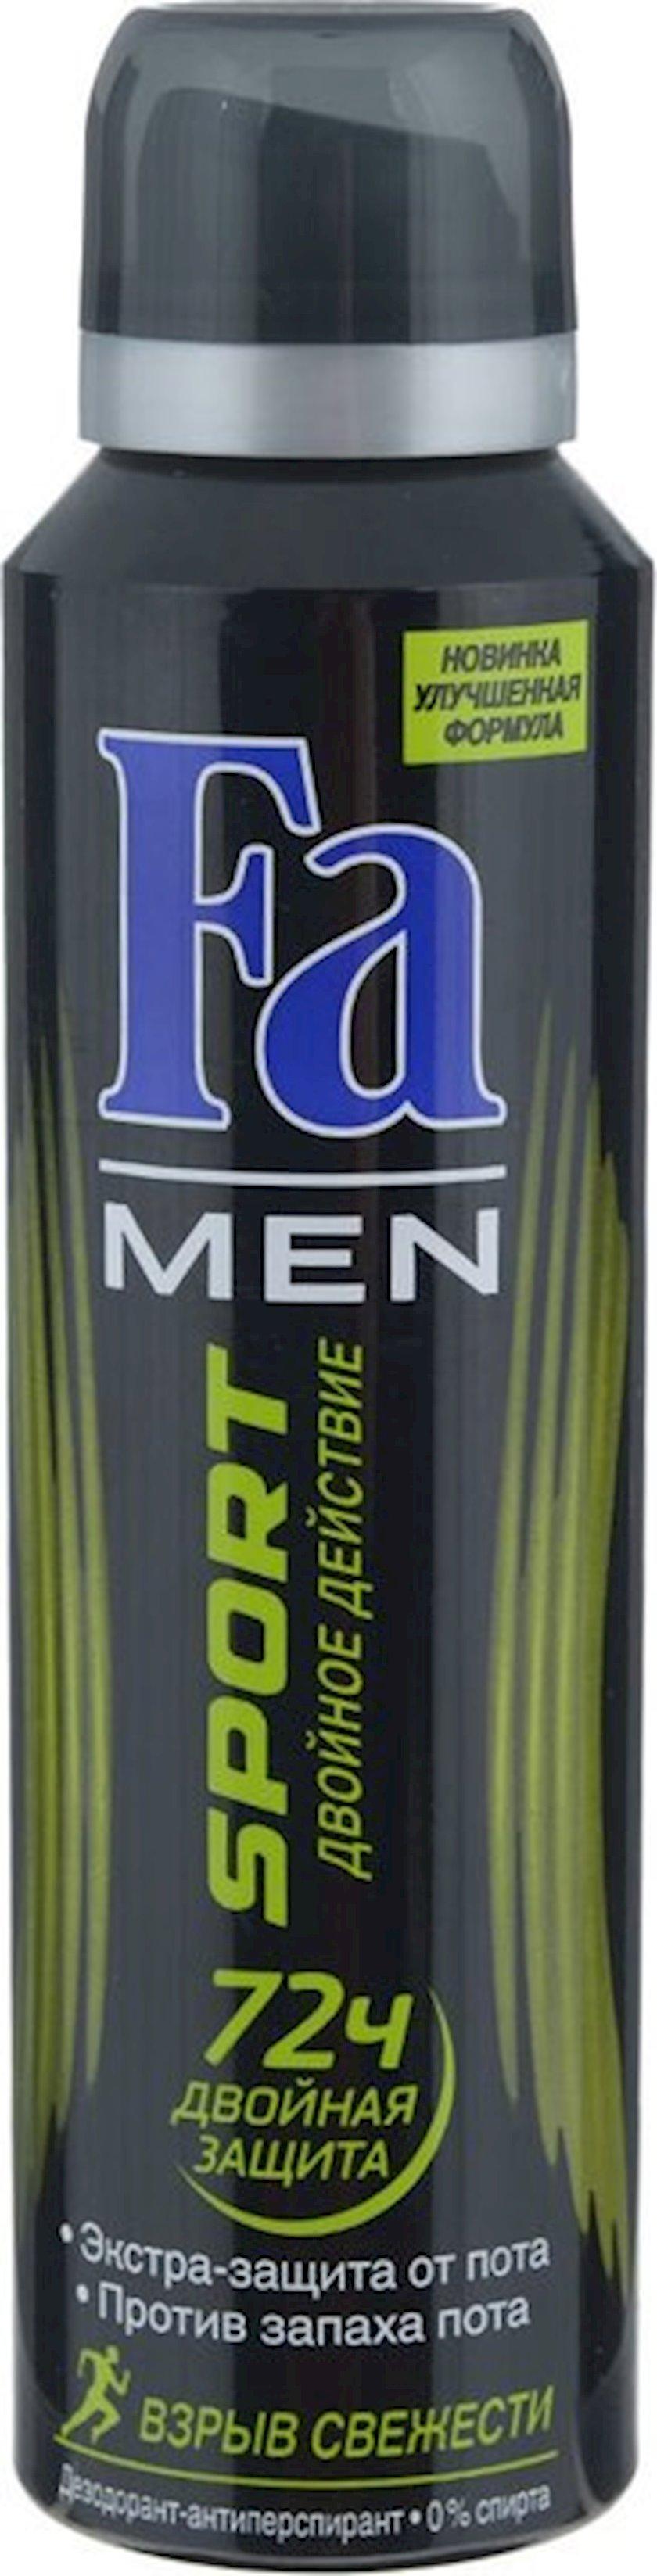 Dezodorant-aerozol Fa Men Sport Təravətin partlayışı